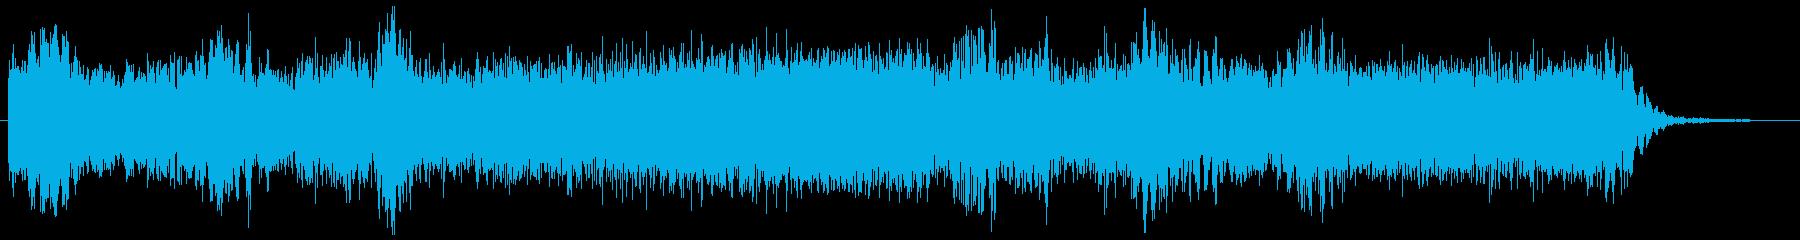 メタル系ギター 攻撃的でクールなフレーズの再生済みの波形